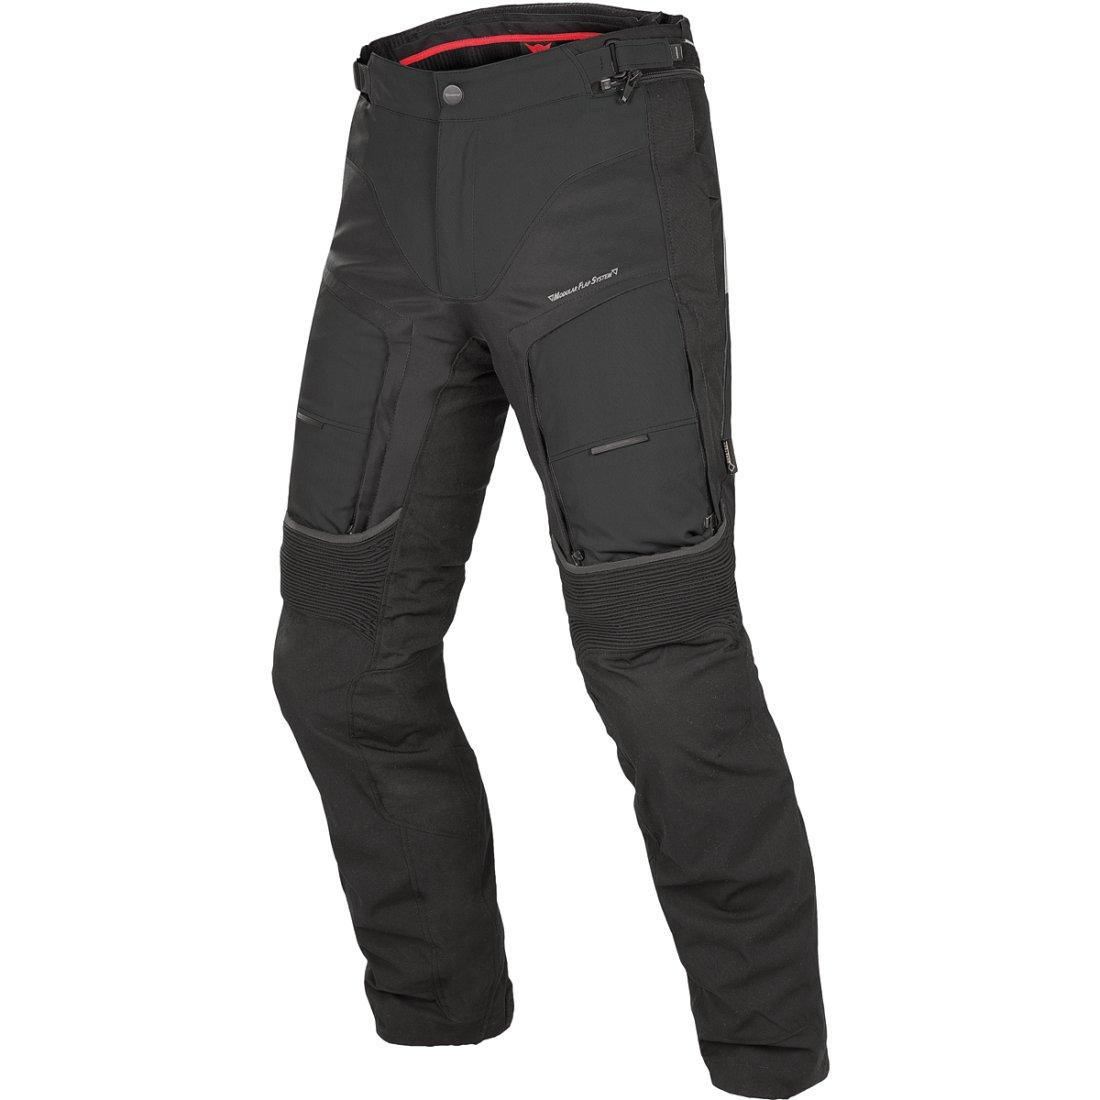 de19ae436 MotoMundi - Pantalones de Textil Dainese D-Explorer Gore-Tex Pants